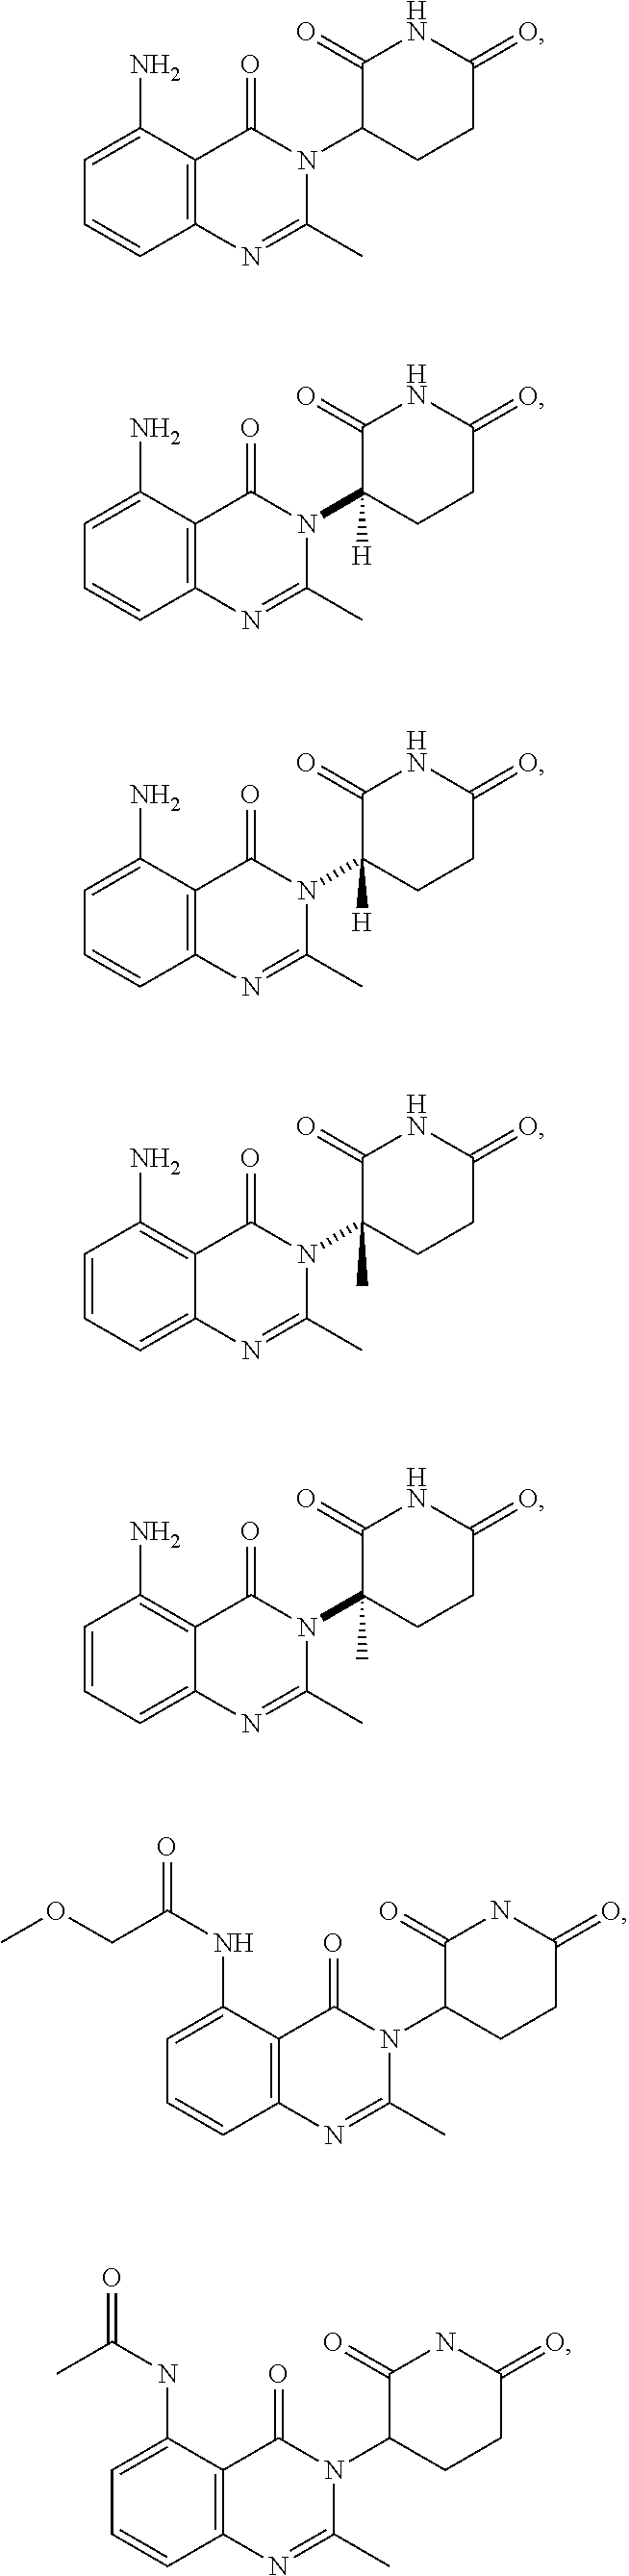 Figure US09587281-20170307-C00034